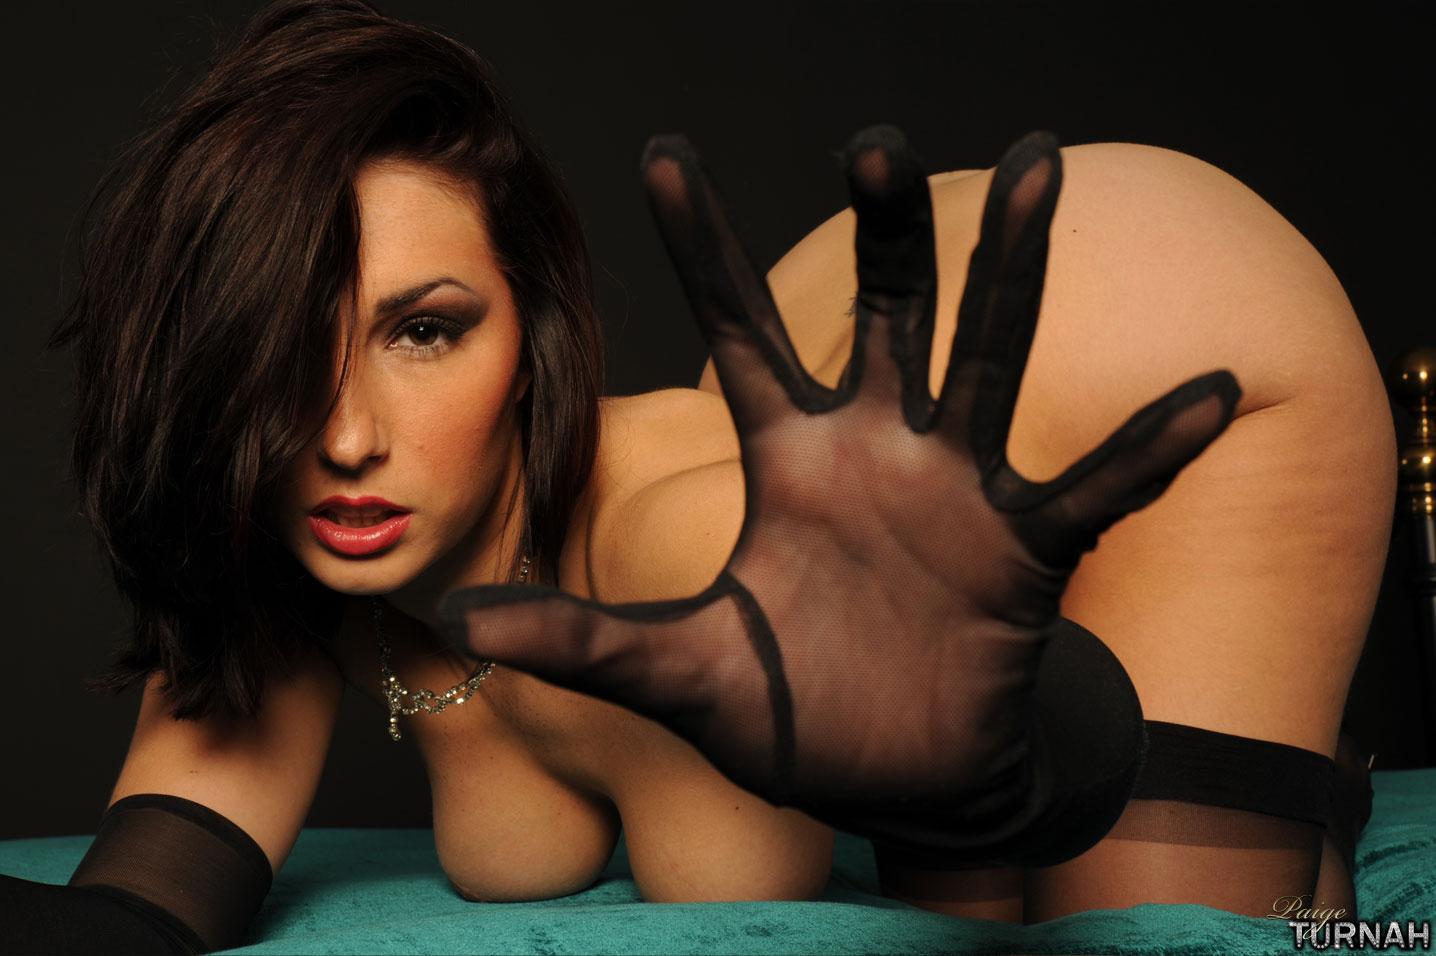 sexy_pose12